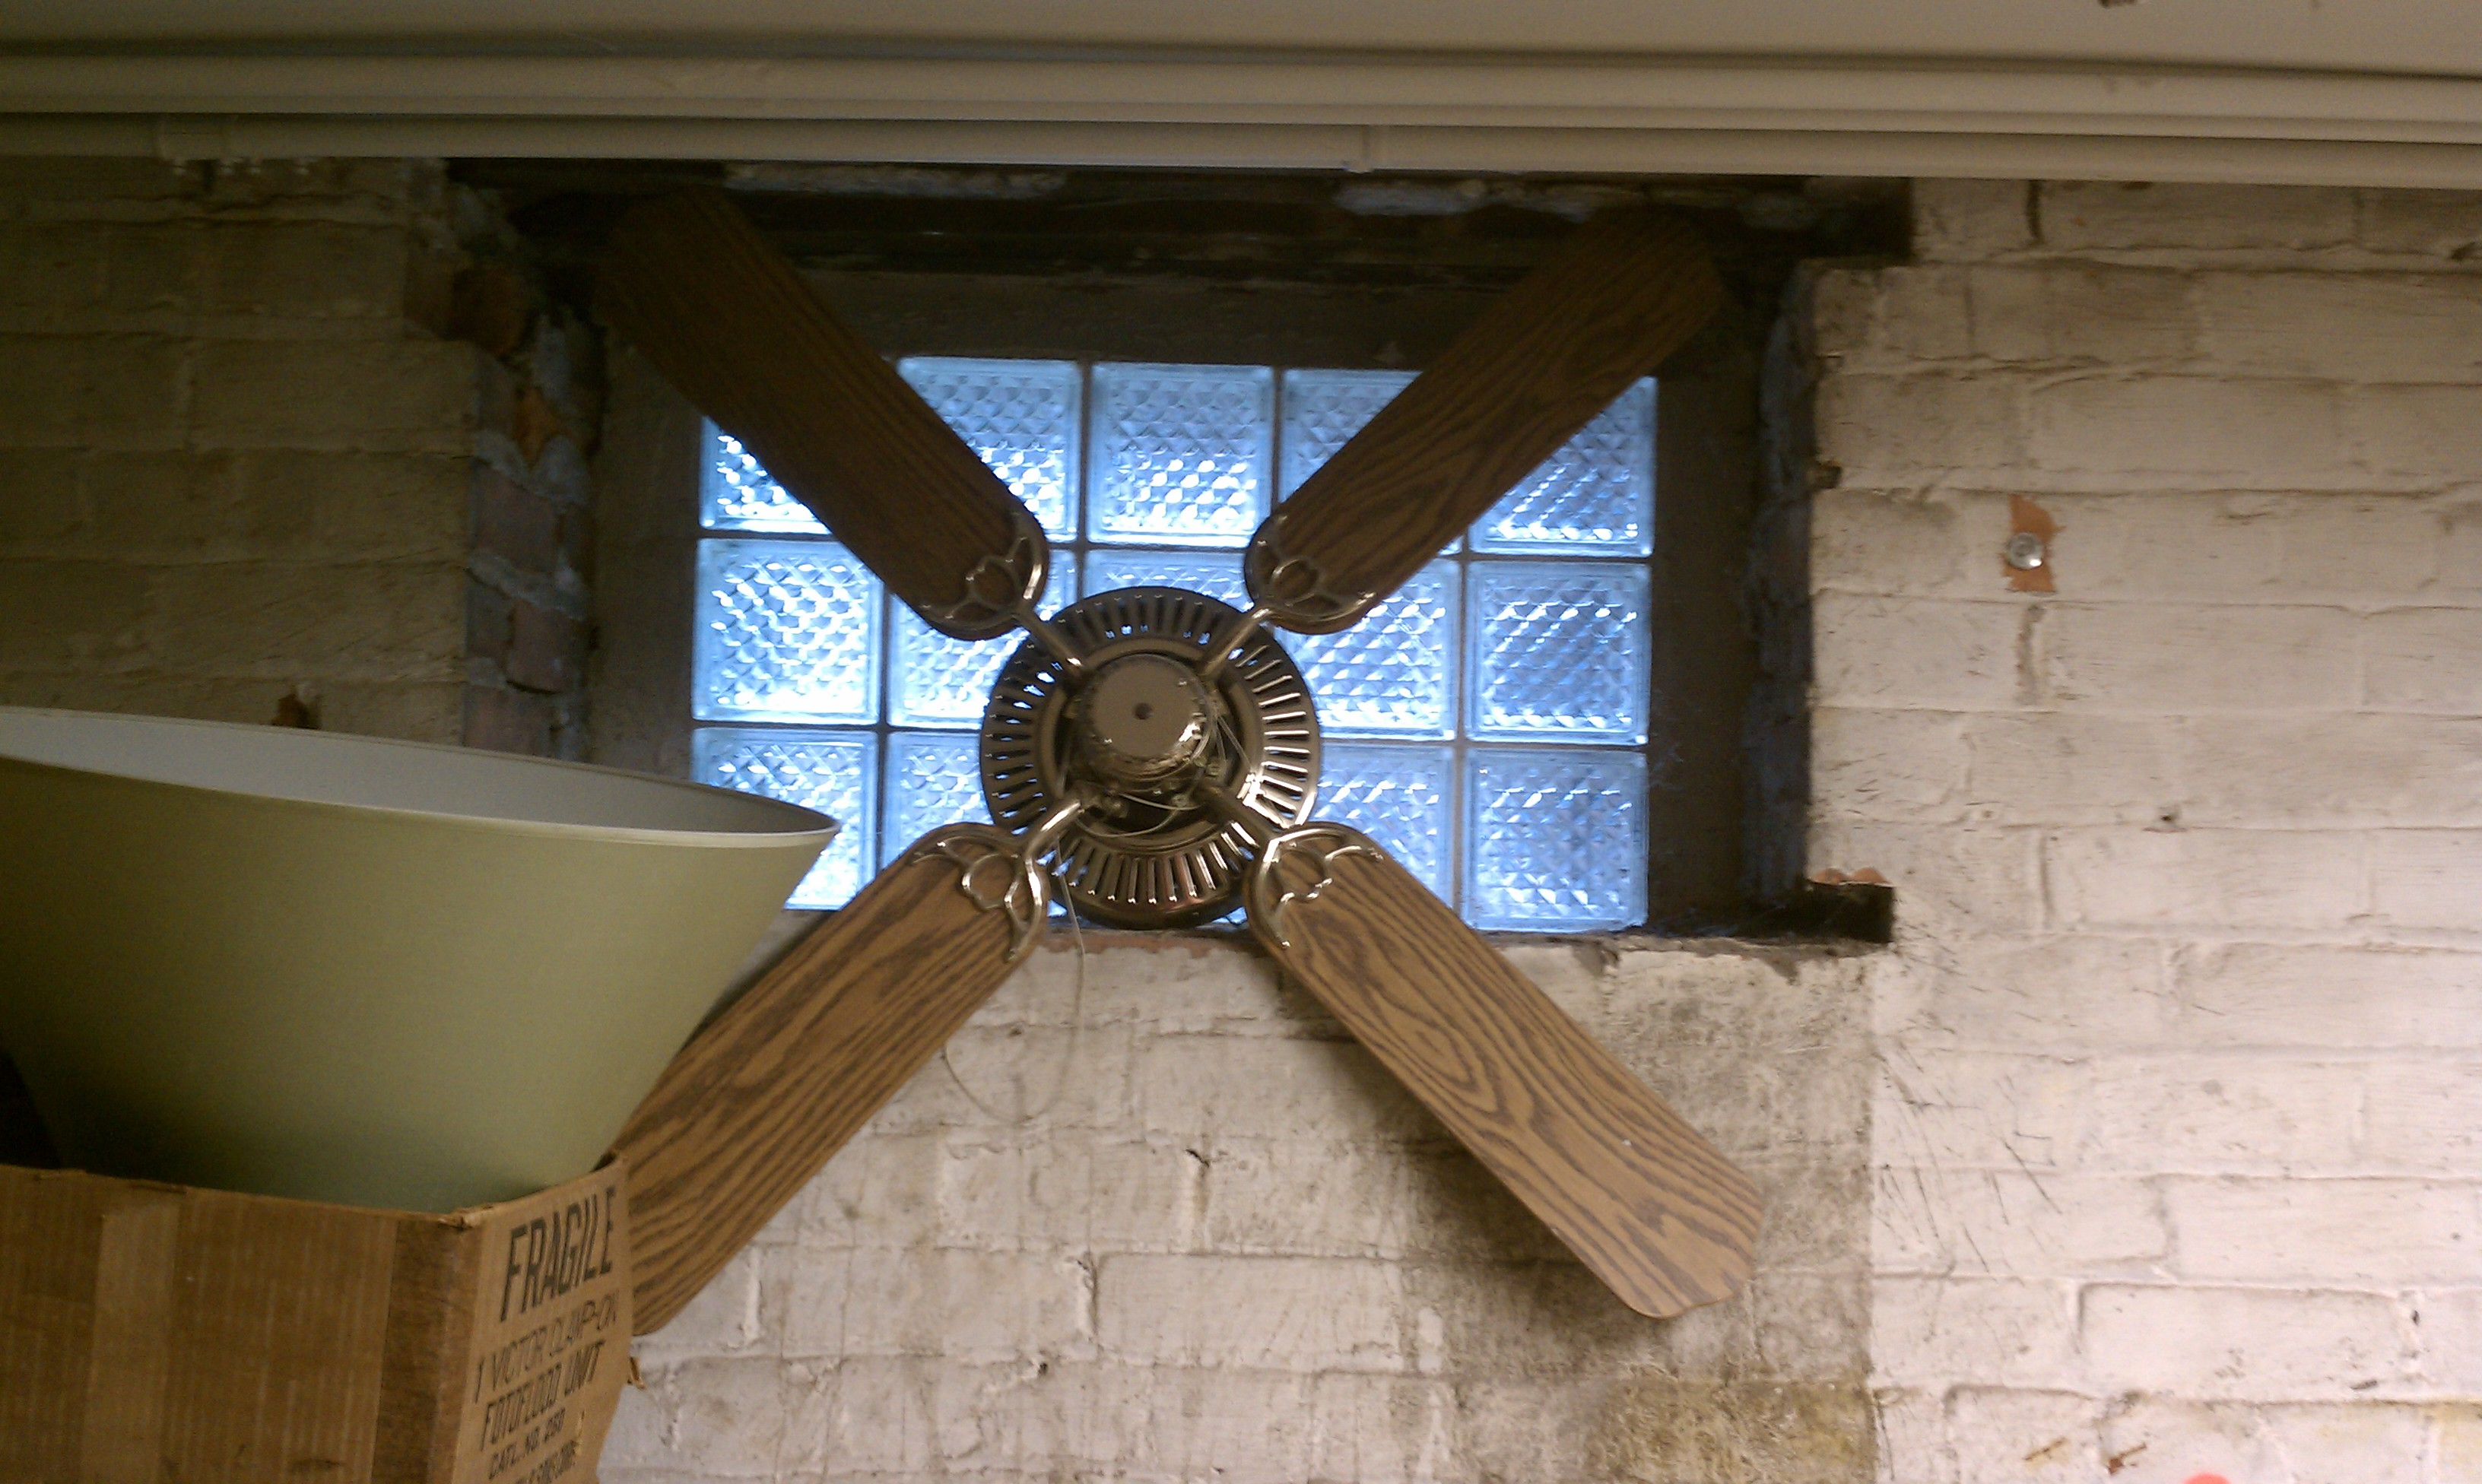 Fileceiling fan in a basement windowg wikimedia commons fileceiling fan in a basement windowg aloadofball Images